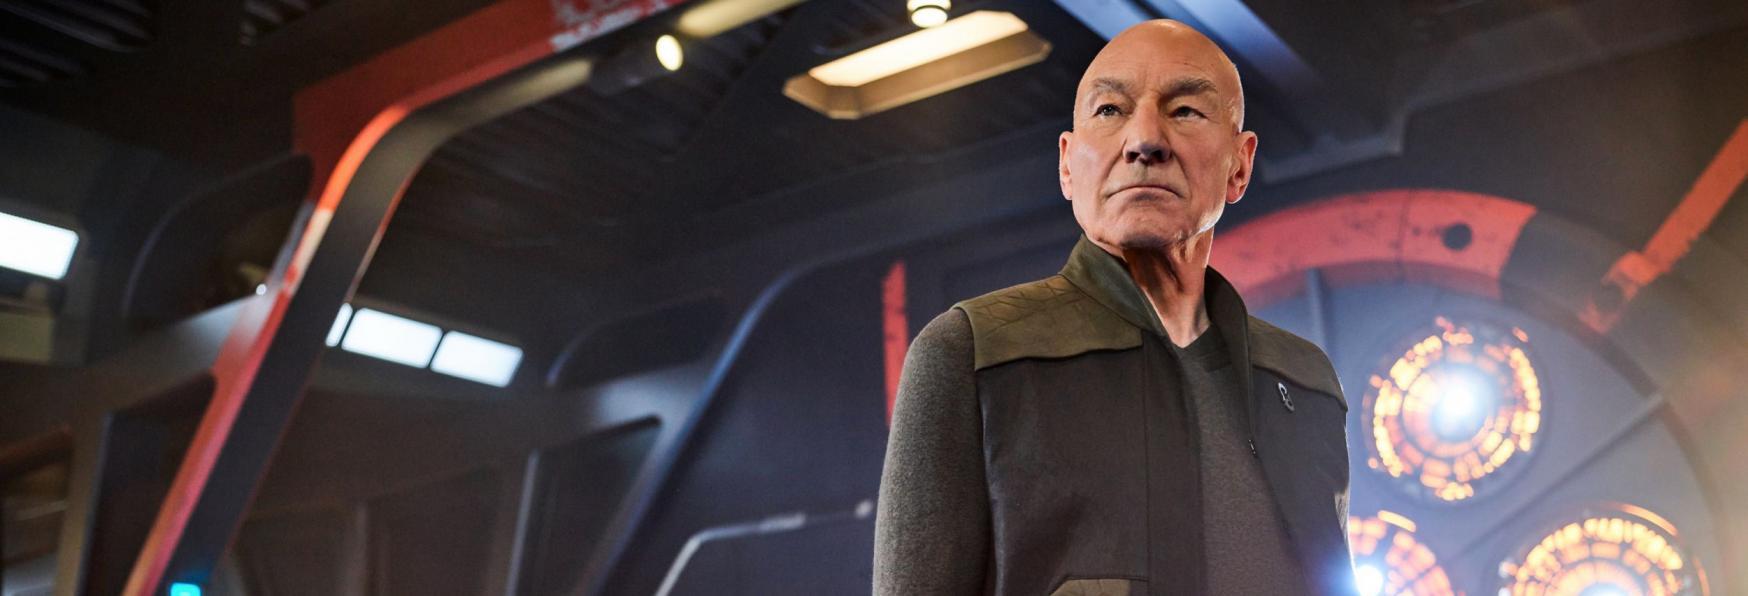 Star Trek: Picard 2 - Un Personaggio potrebbe non fare ritorno nella nuova Stagione